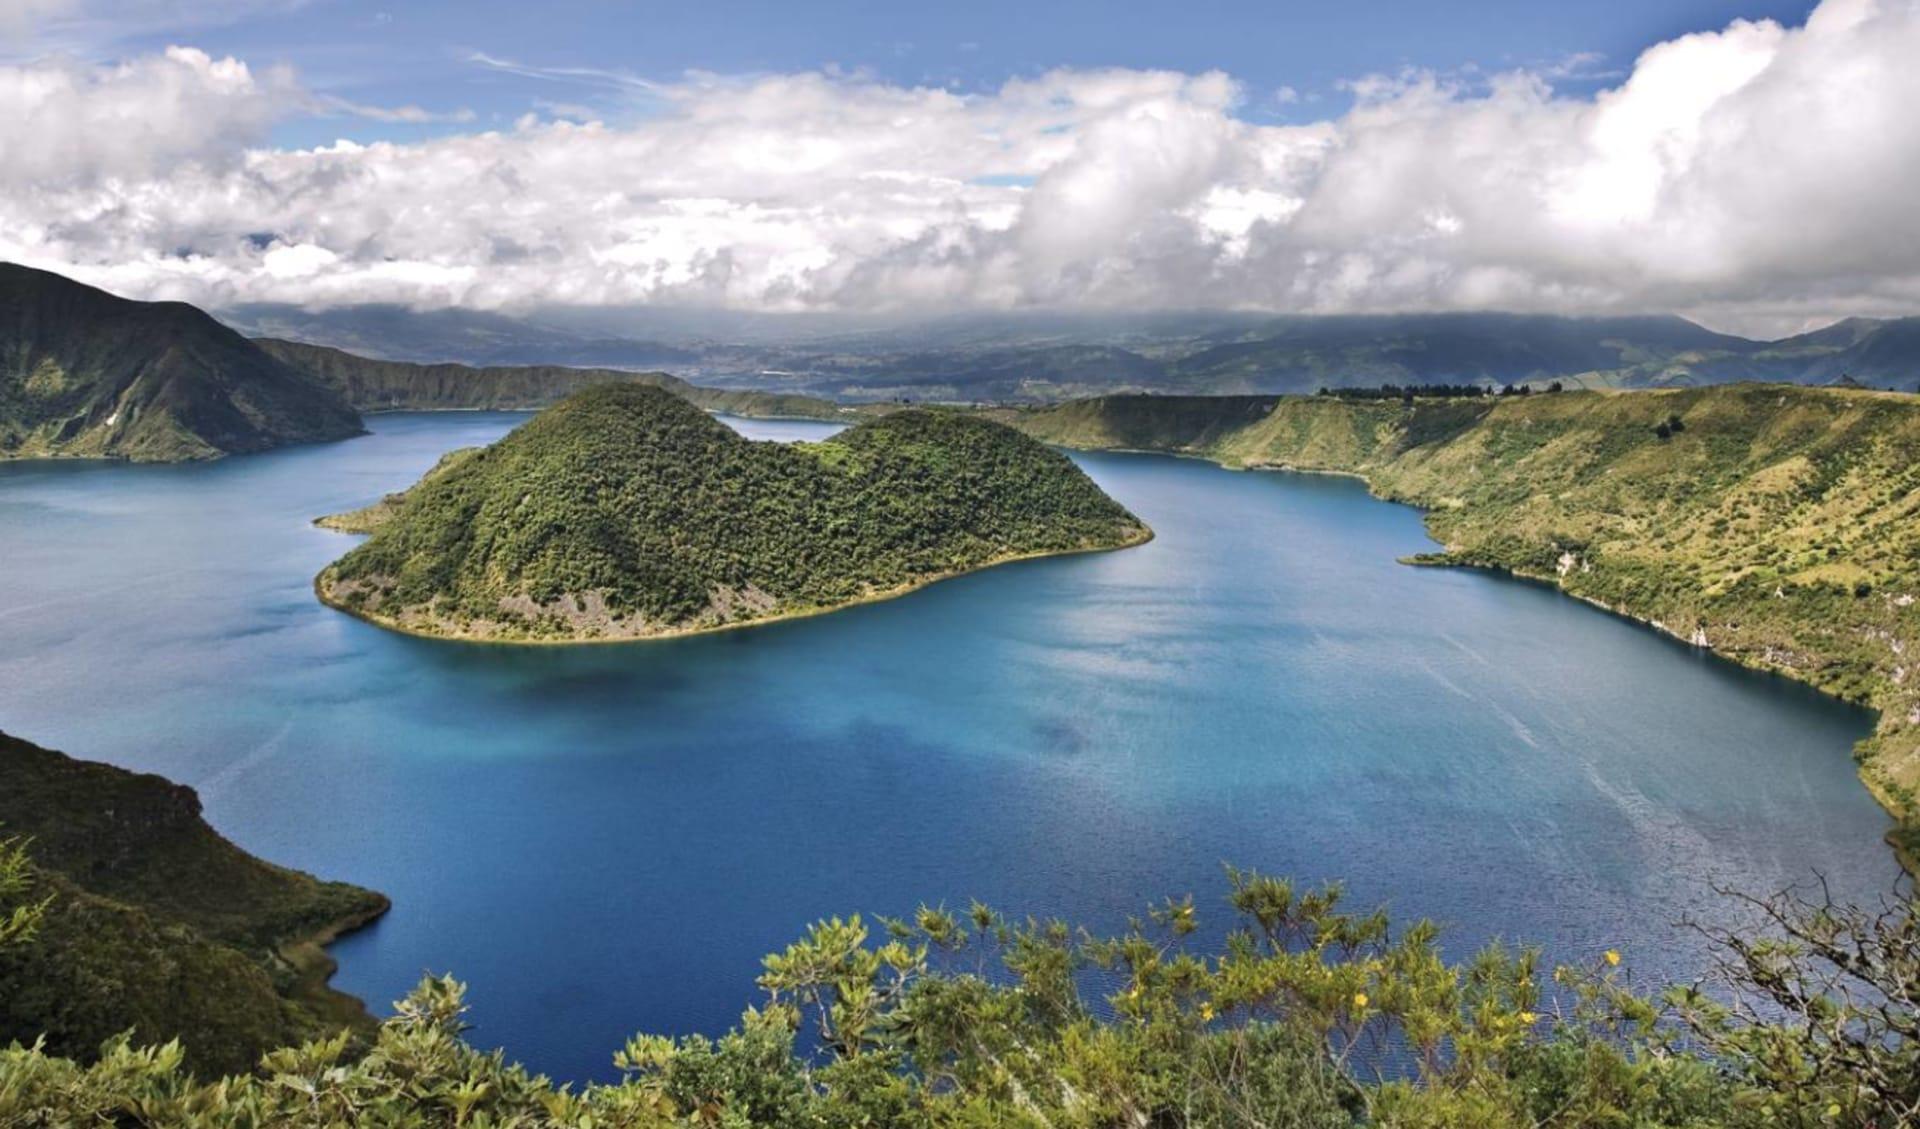 Anden - Galapagos Mosaik ab Quito: Ecuador - Cuicocha - Blick über See